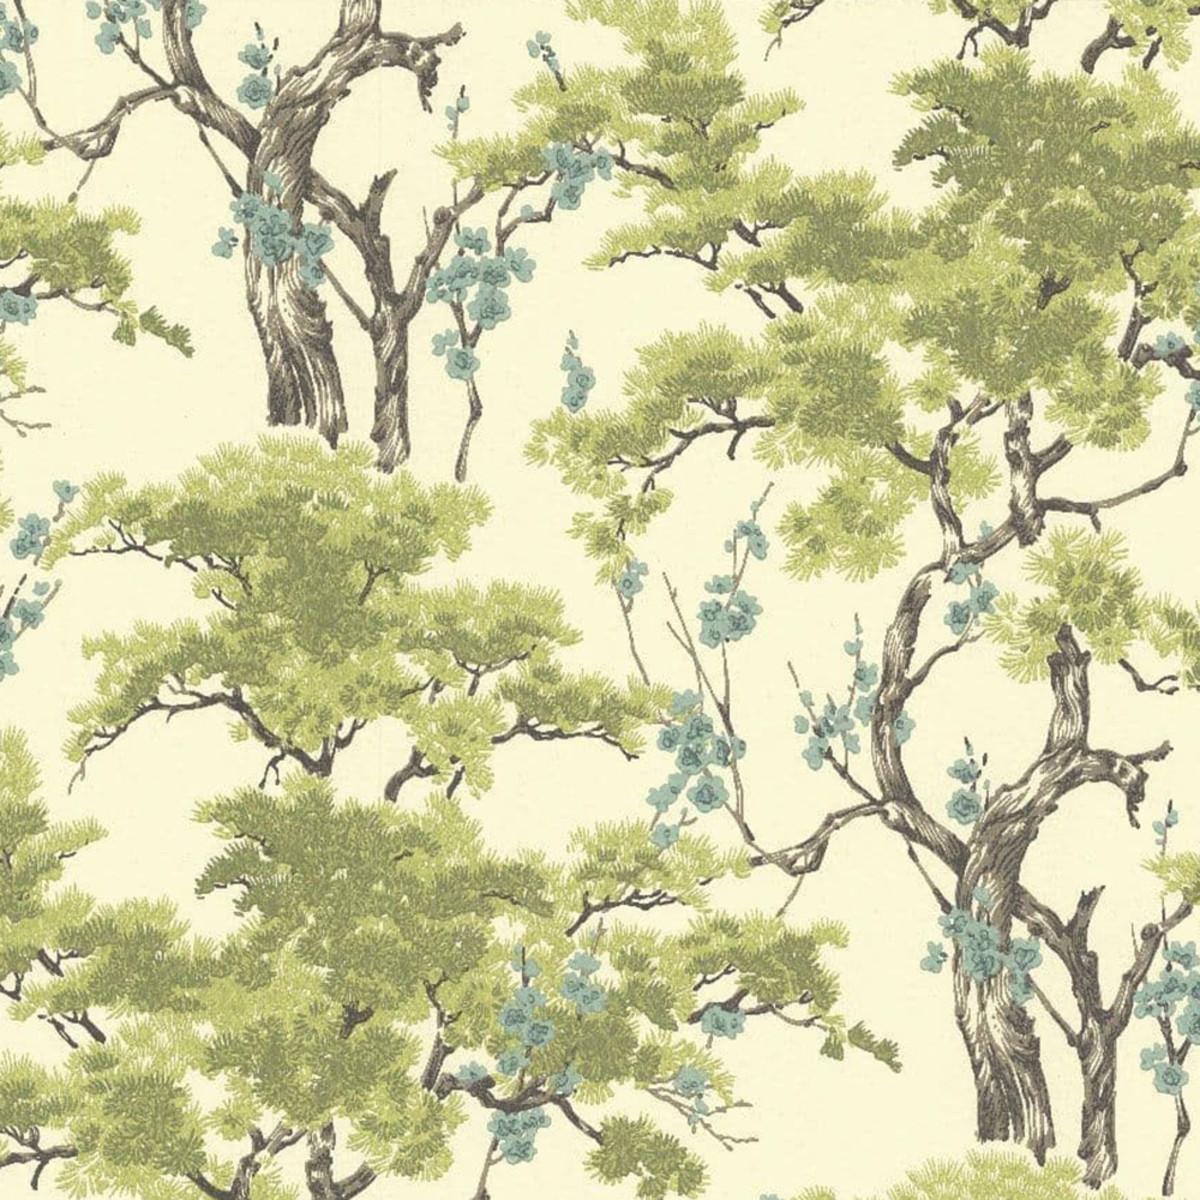 Обои флизелиновые 1838 Wallcoverings Avington зеленые 0.53 м 1602-100-06